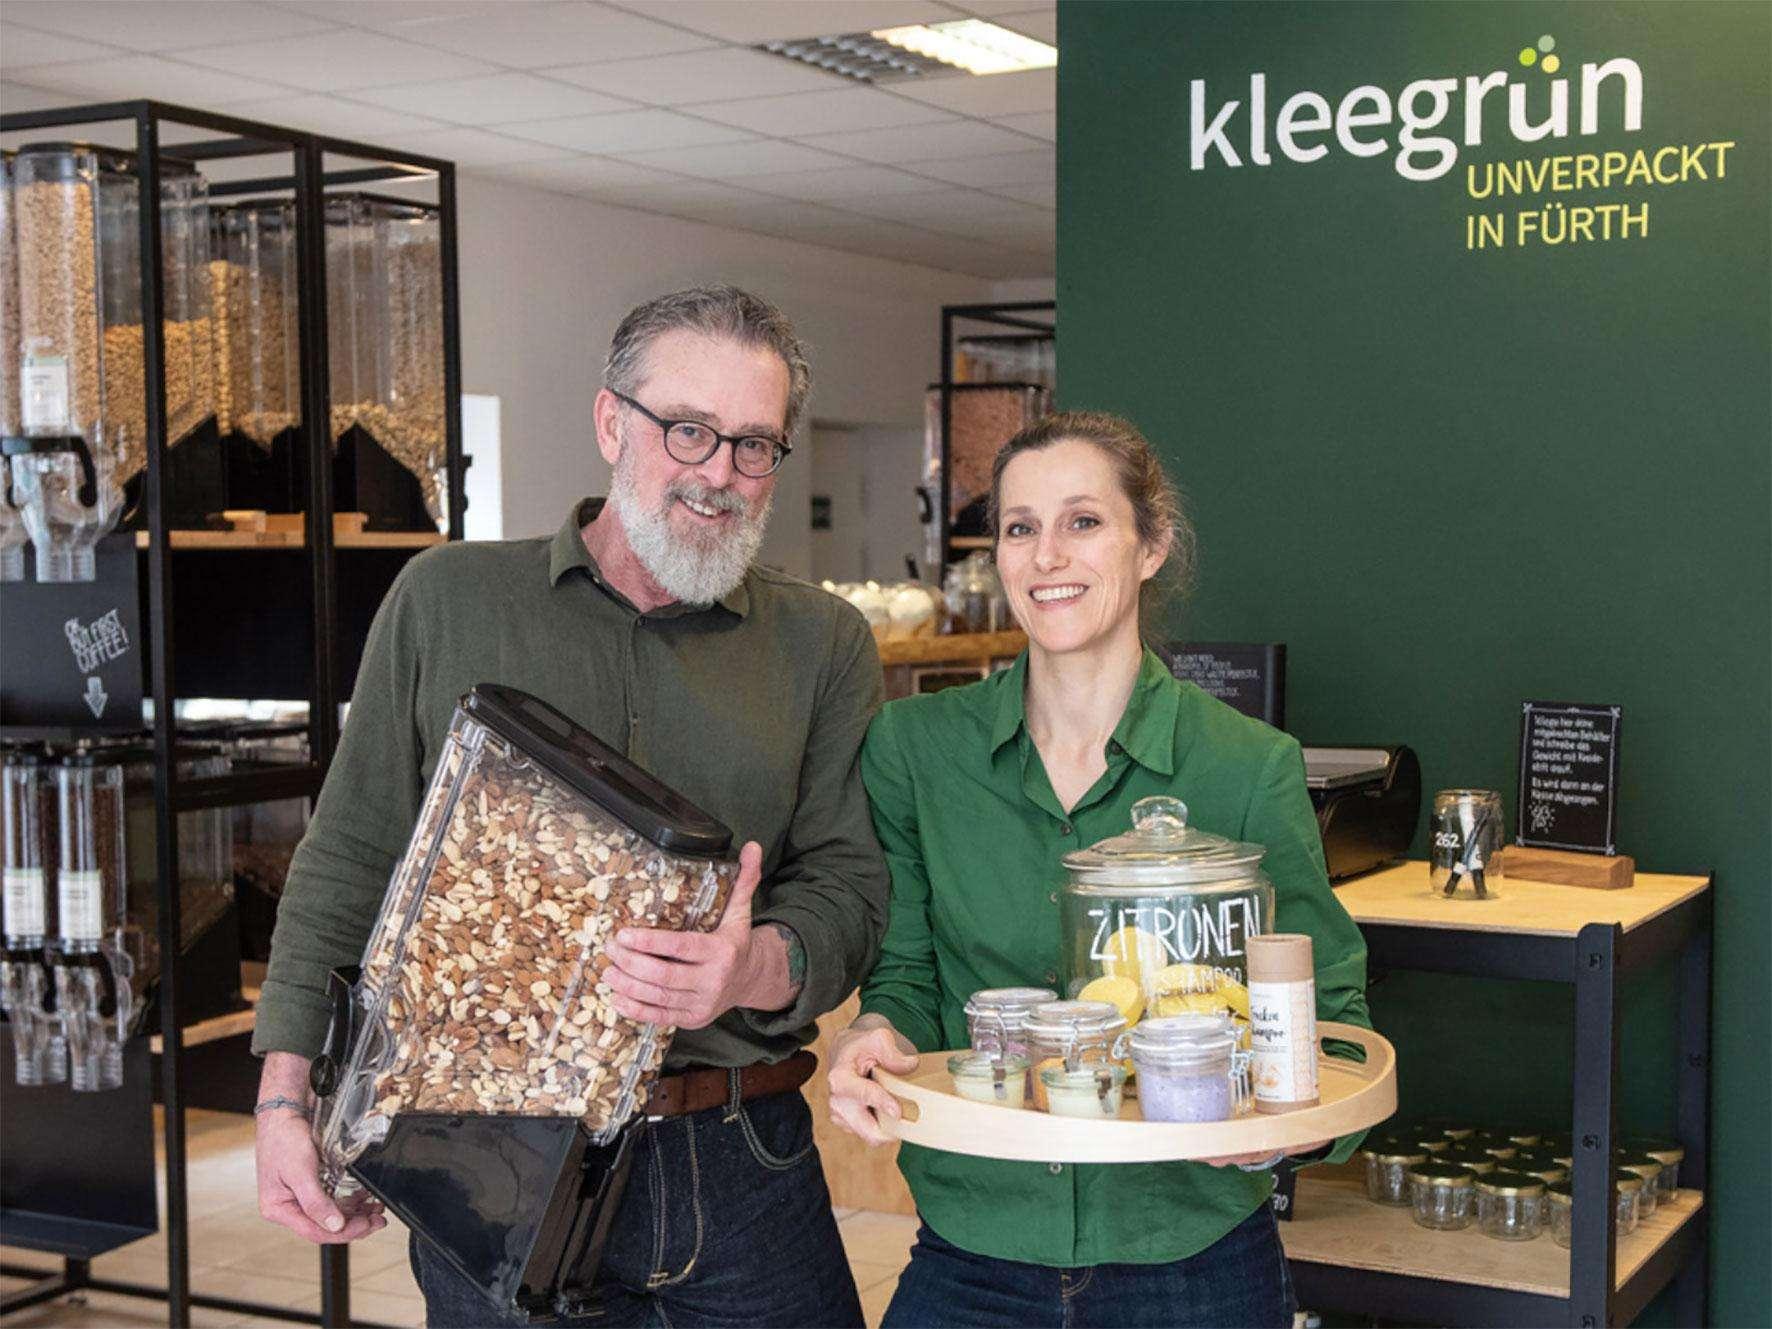 Foto von Claudia und Claus, den Inhabern des Kleegrüns, in ihrem Laden.